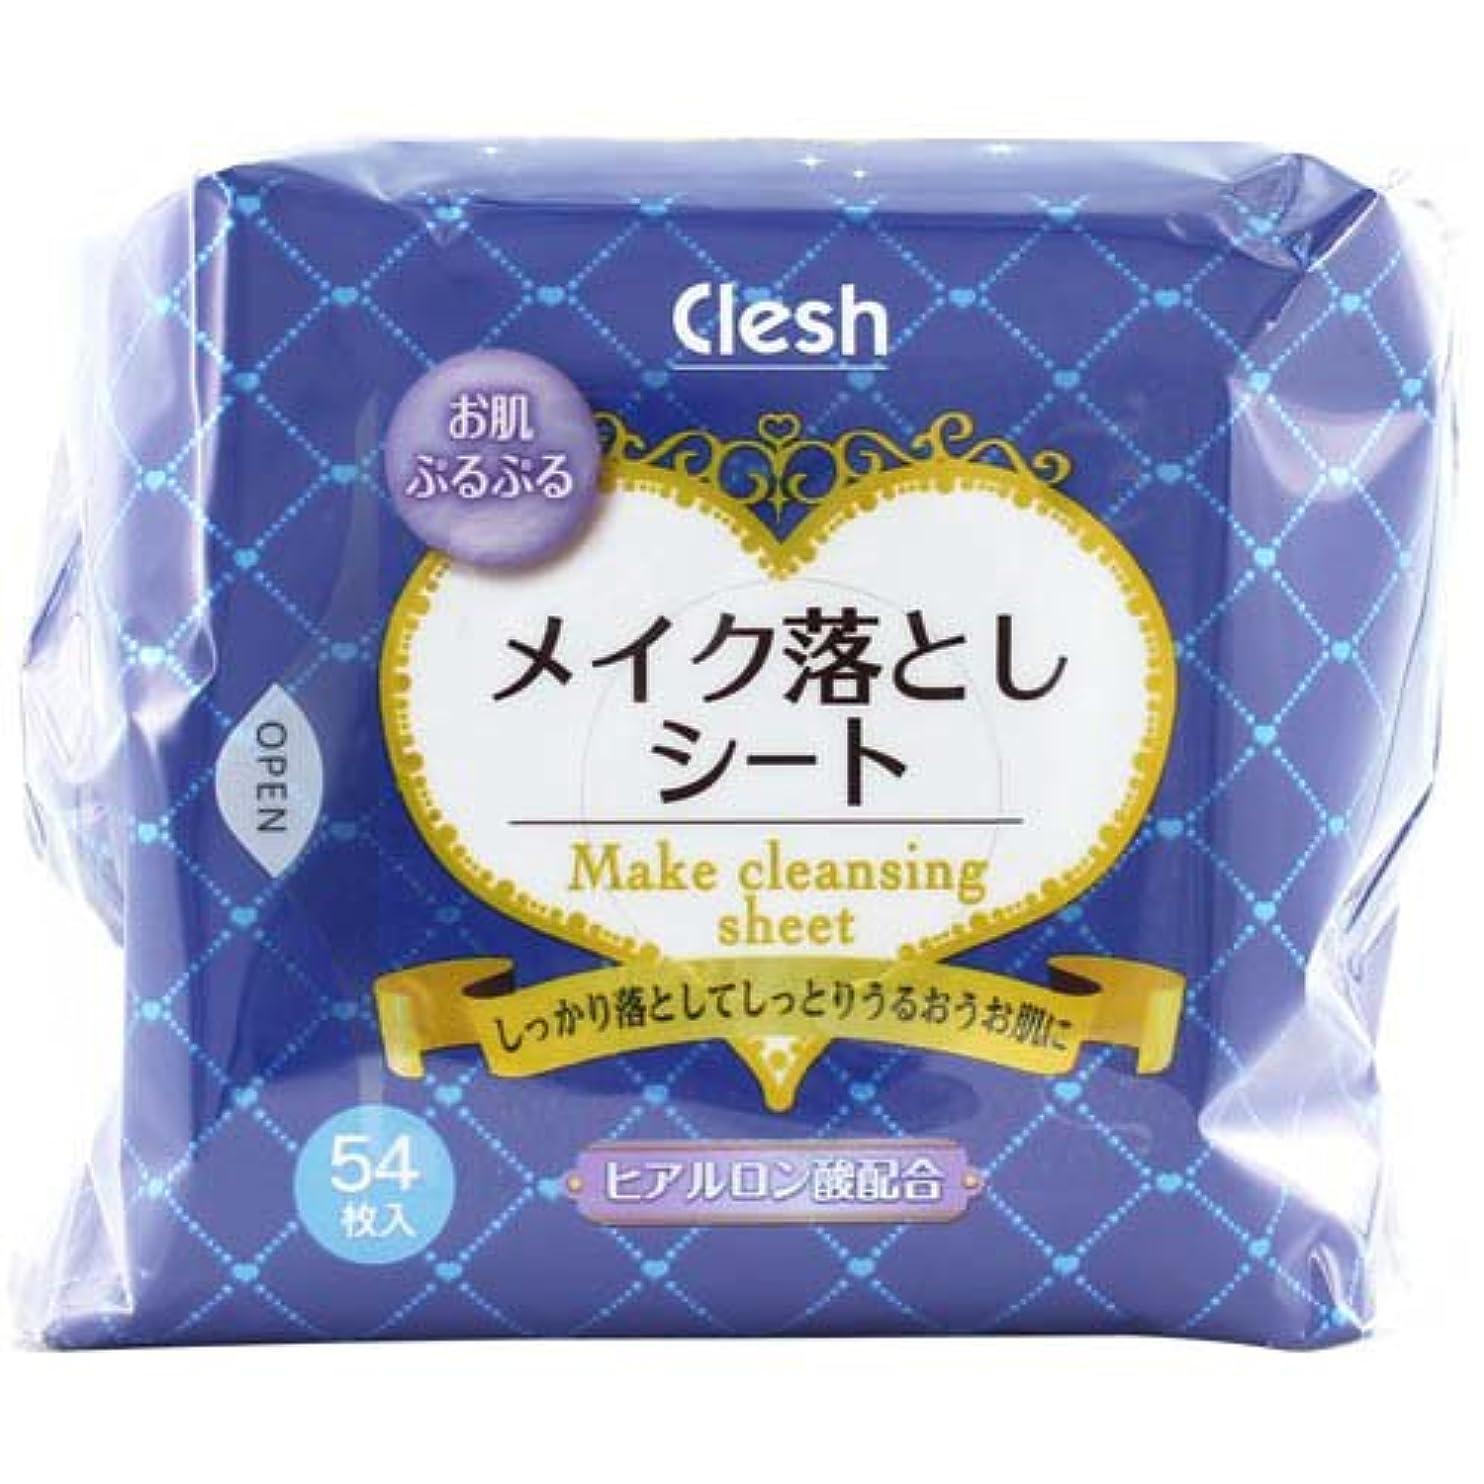 サスペンション背景行列Clesh(クレシュ) メイク落としシート ヒアルロン酸配合 54枚